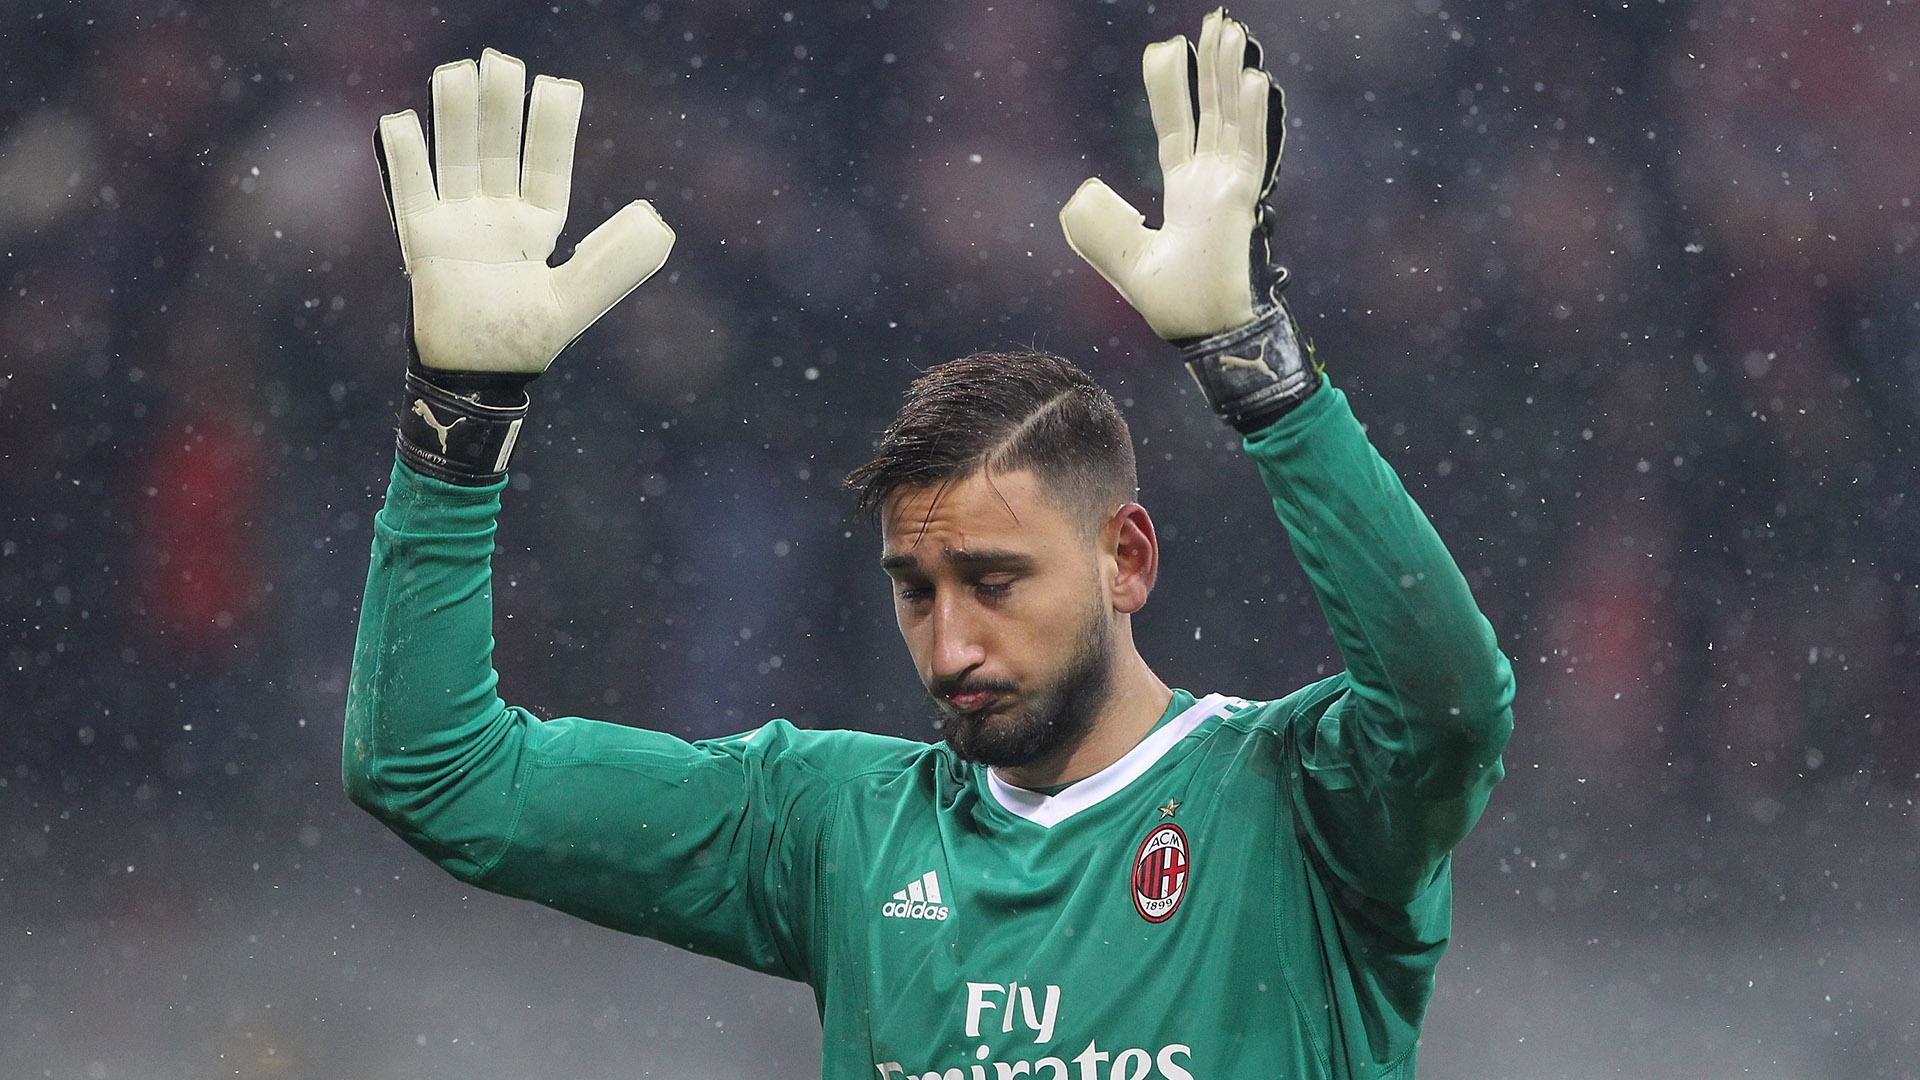 El italiano Gianluigi Donnarumma (AC Milan) USD 76,3 millones